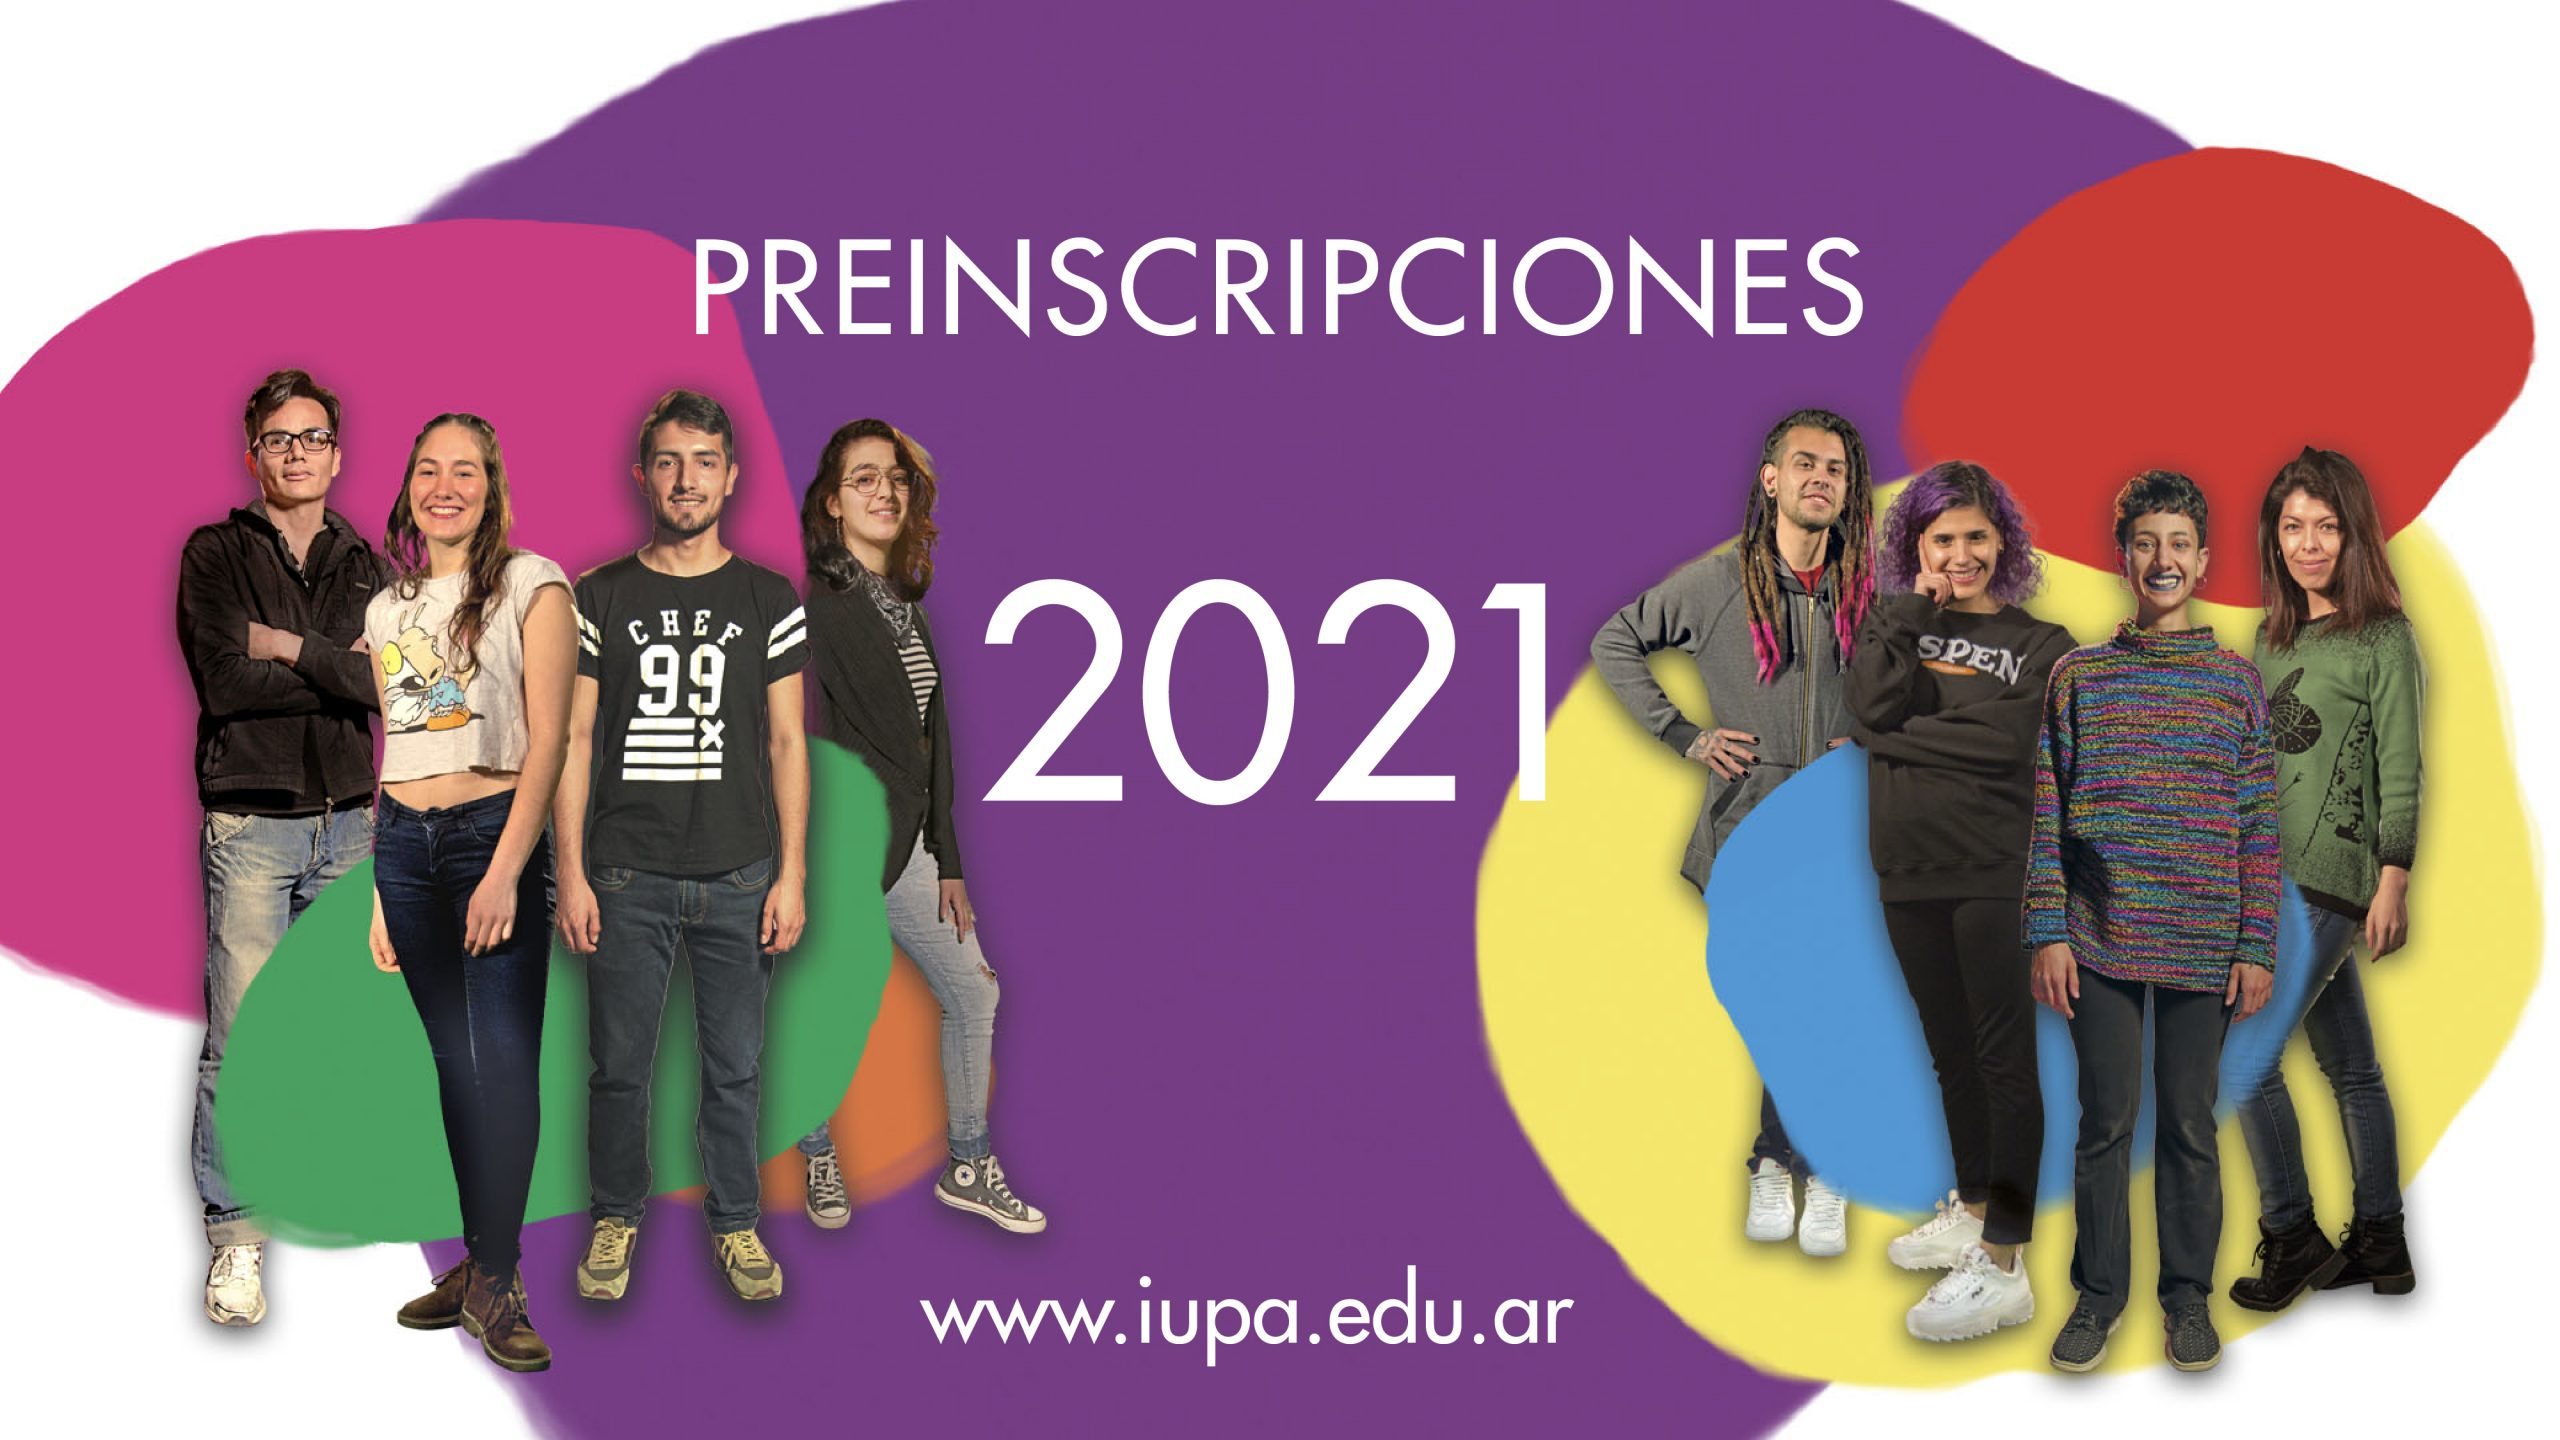 flyer preinscripciones 2021